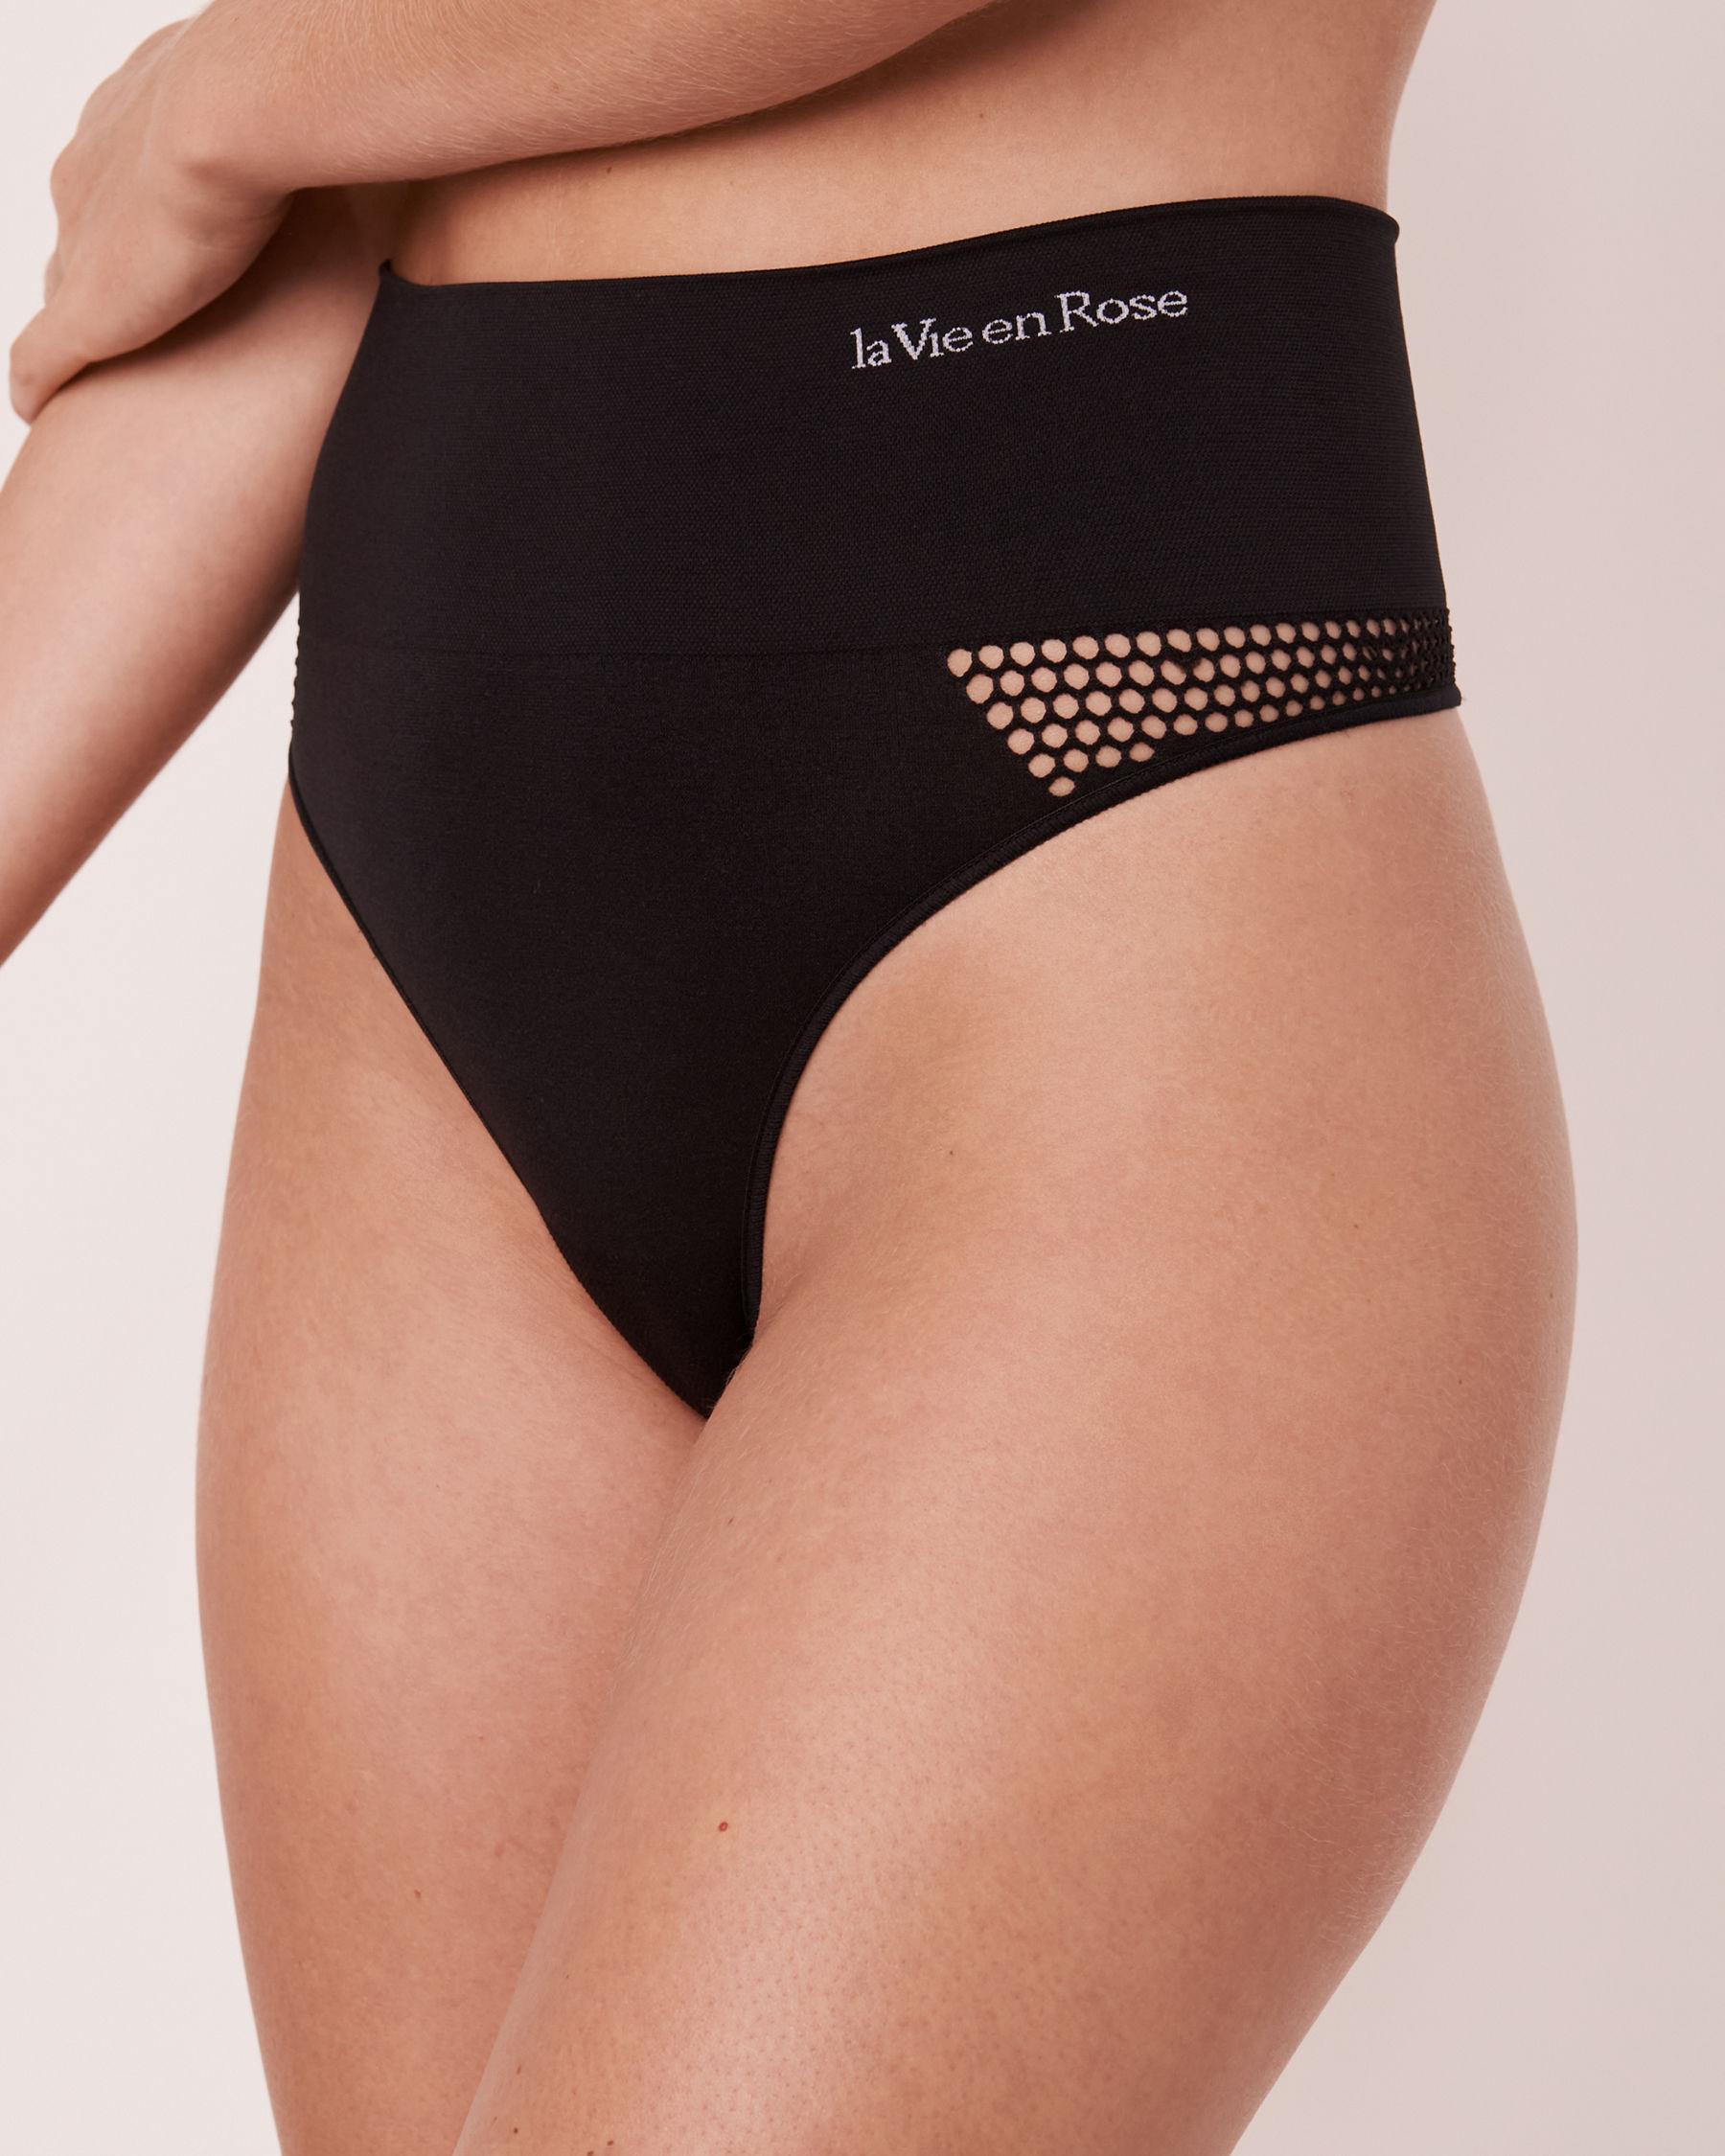 LA VIE EN ROSE Seamless High Waist Thong Panty Black 20200086 - View1